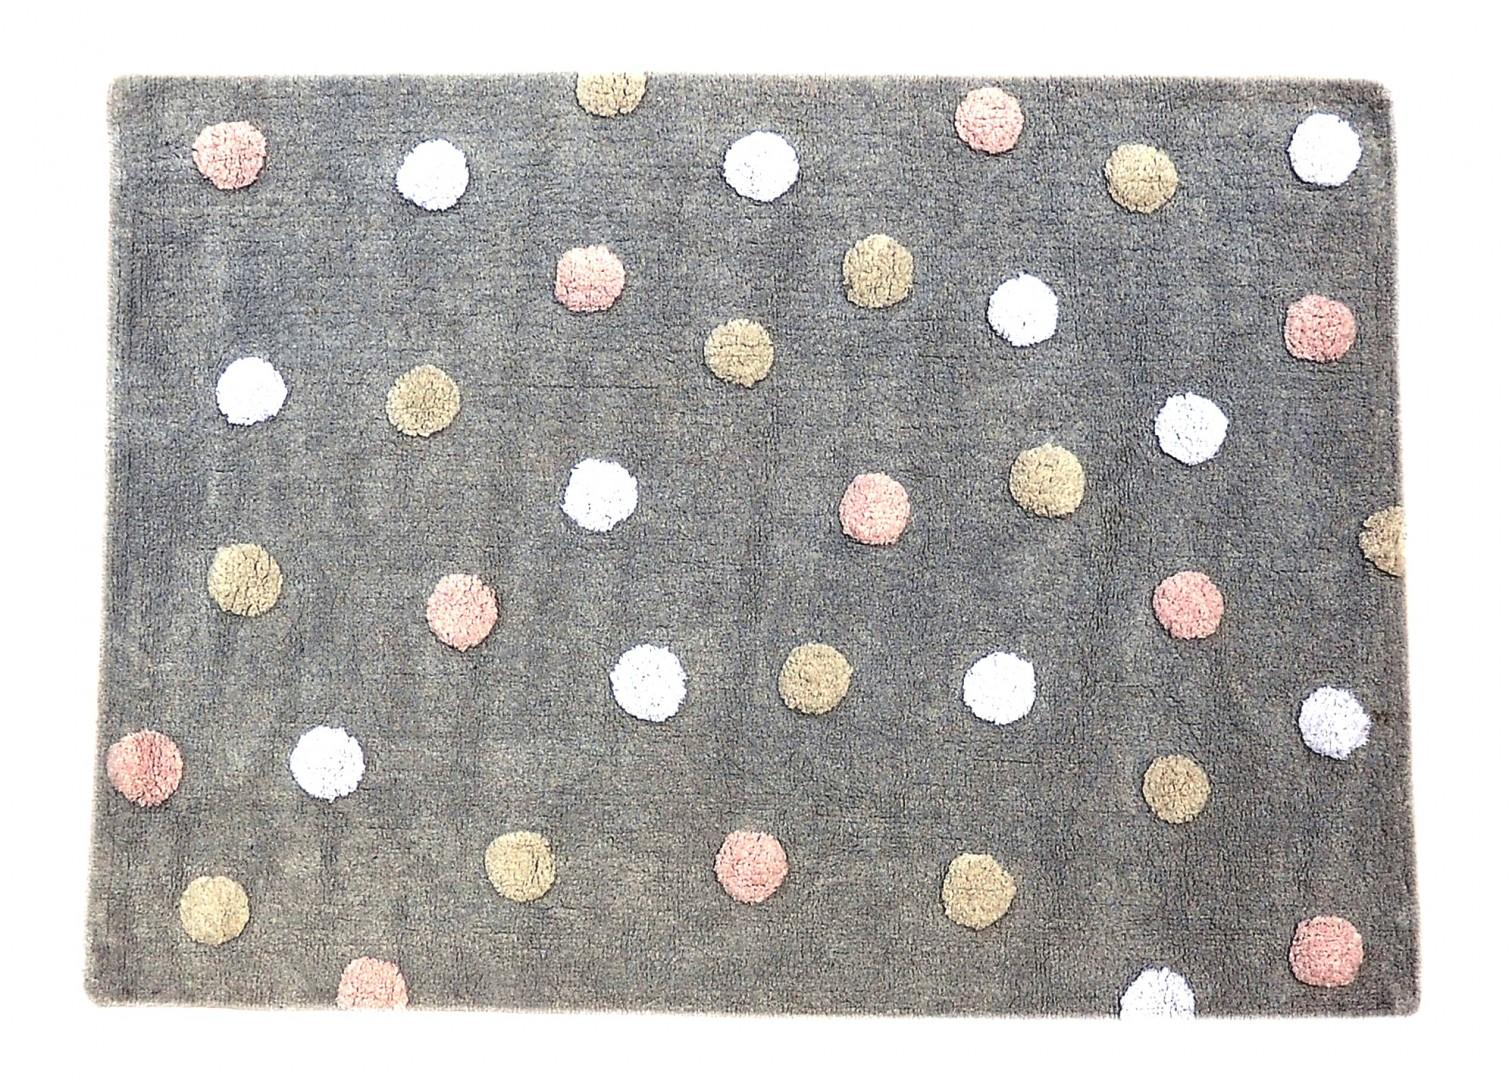 Teppichboden kinderzimmer grau  Teppich Kinderzimmer Schadstofffrei | Bnbnews.co